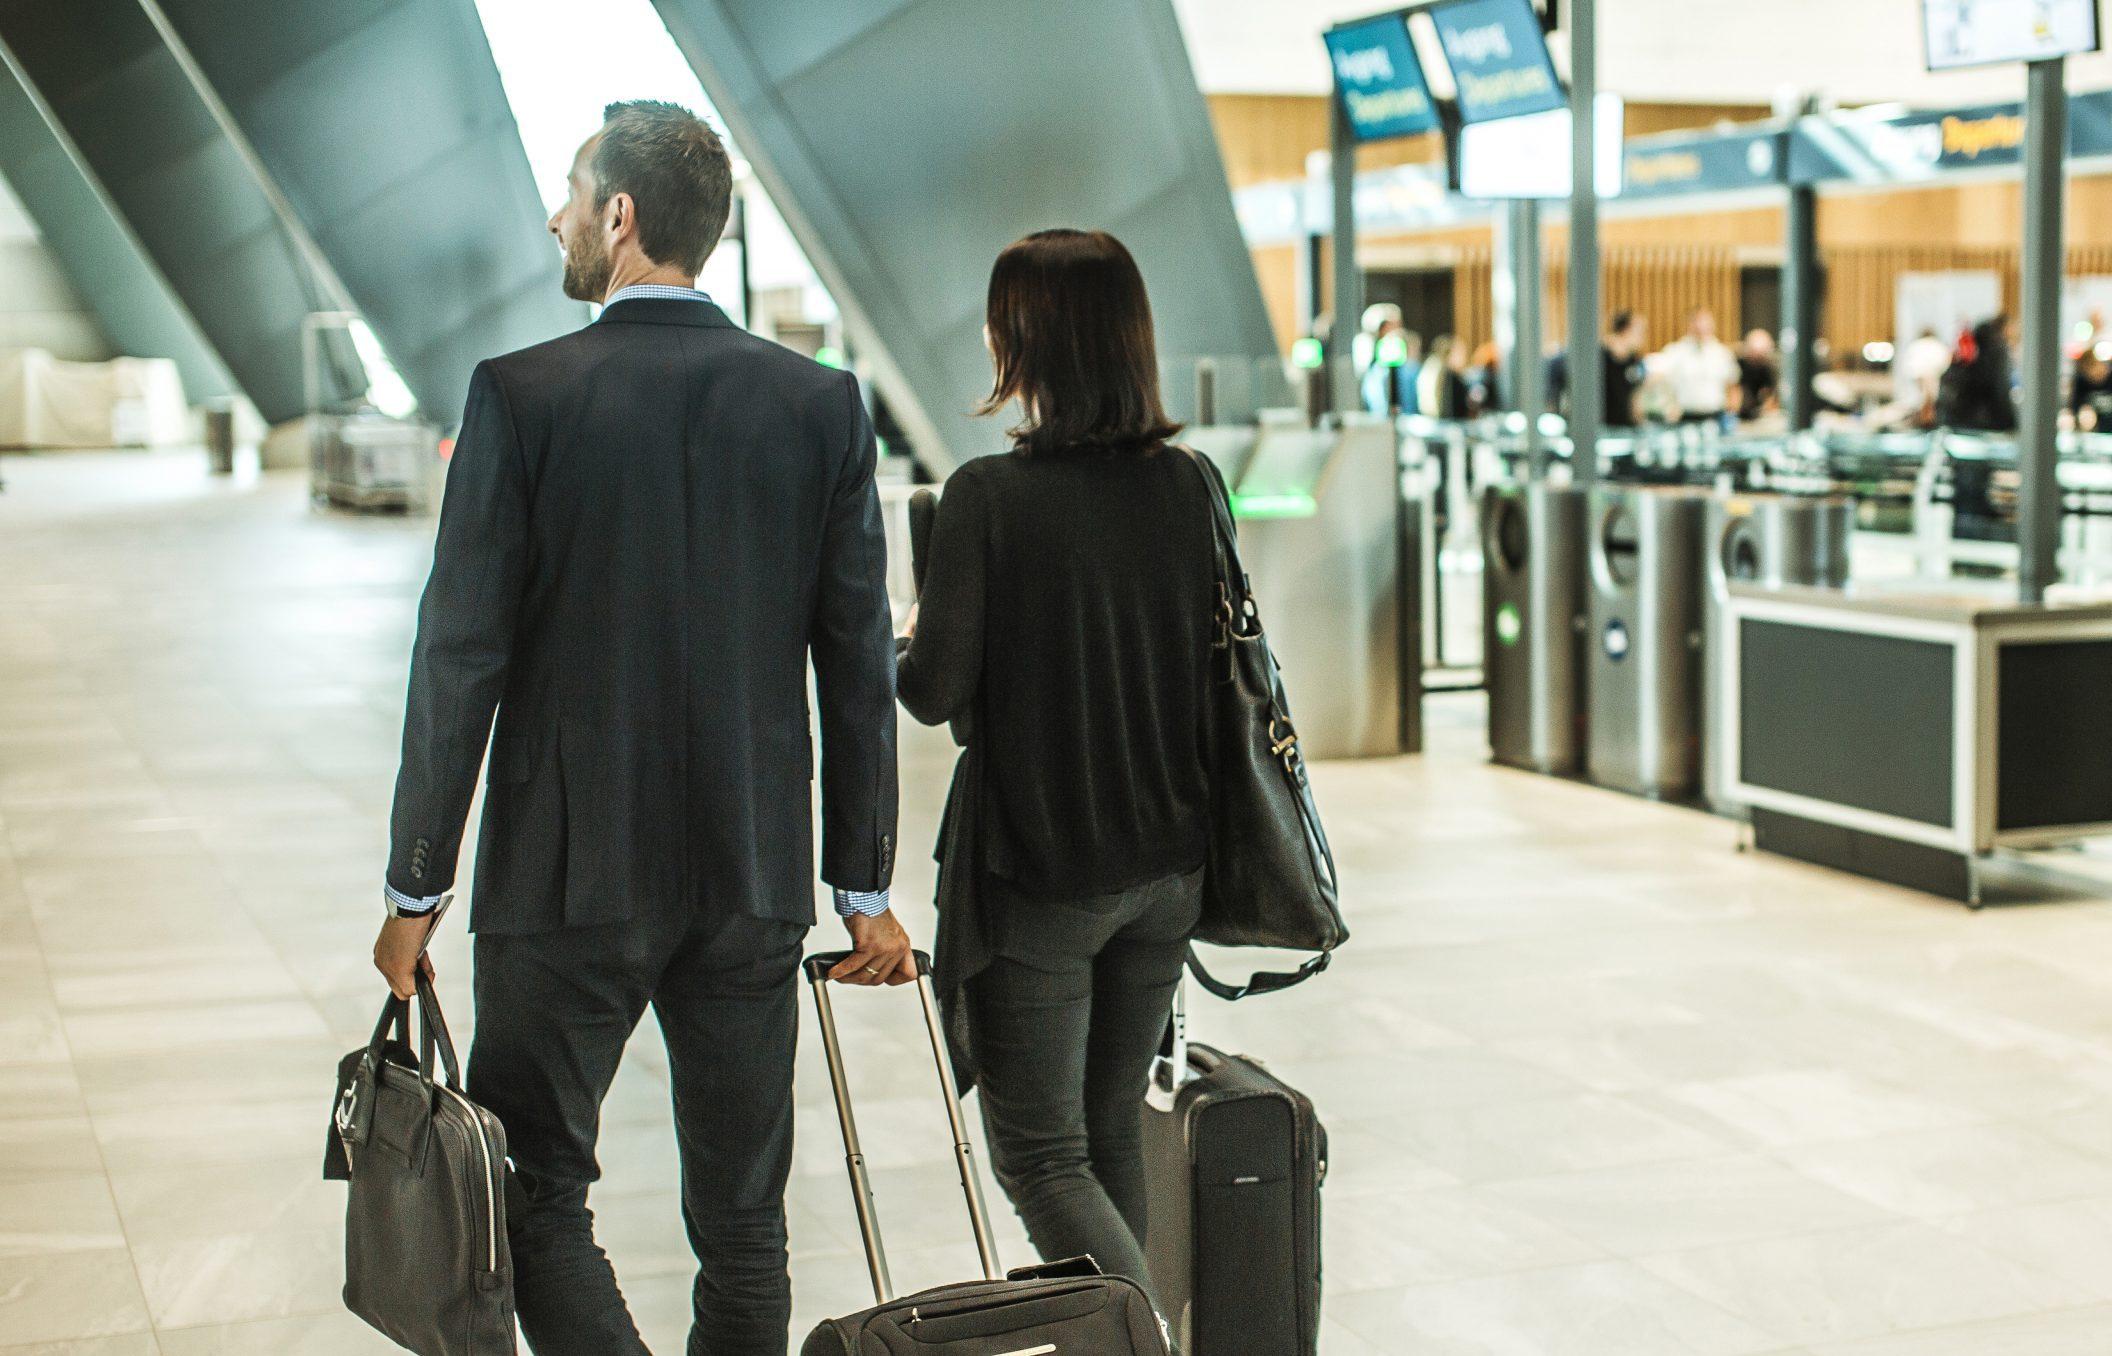 Coronakrisen har betydet færre rejser, flere online møder og mindre energiforbrug, lyder det i opgørelse fra forsikringskoncern Tryg. PR-foto via Tryg.